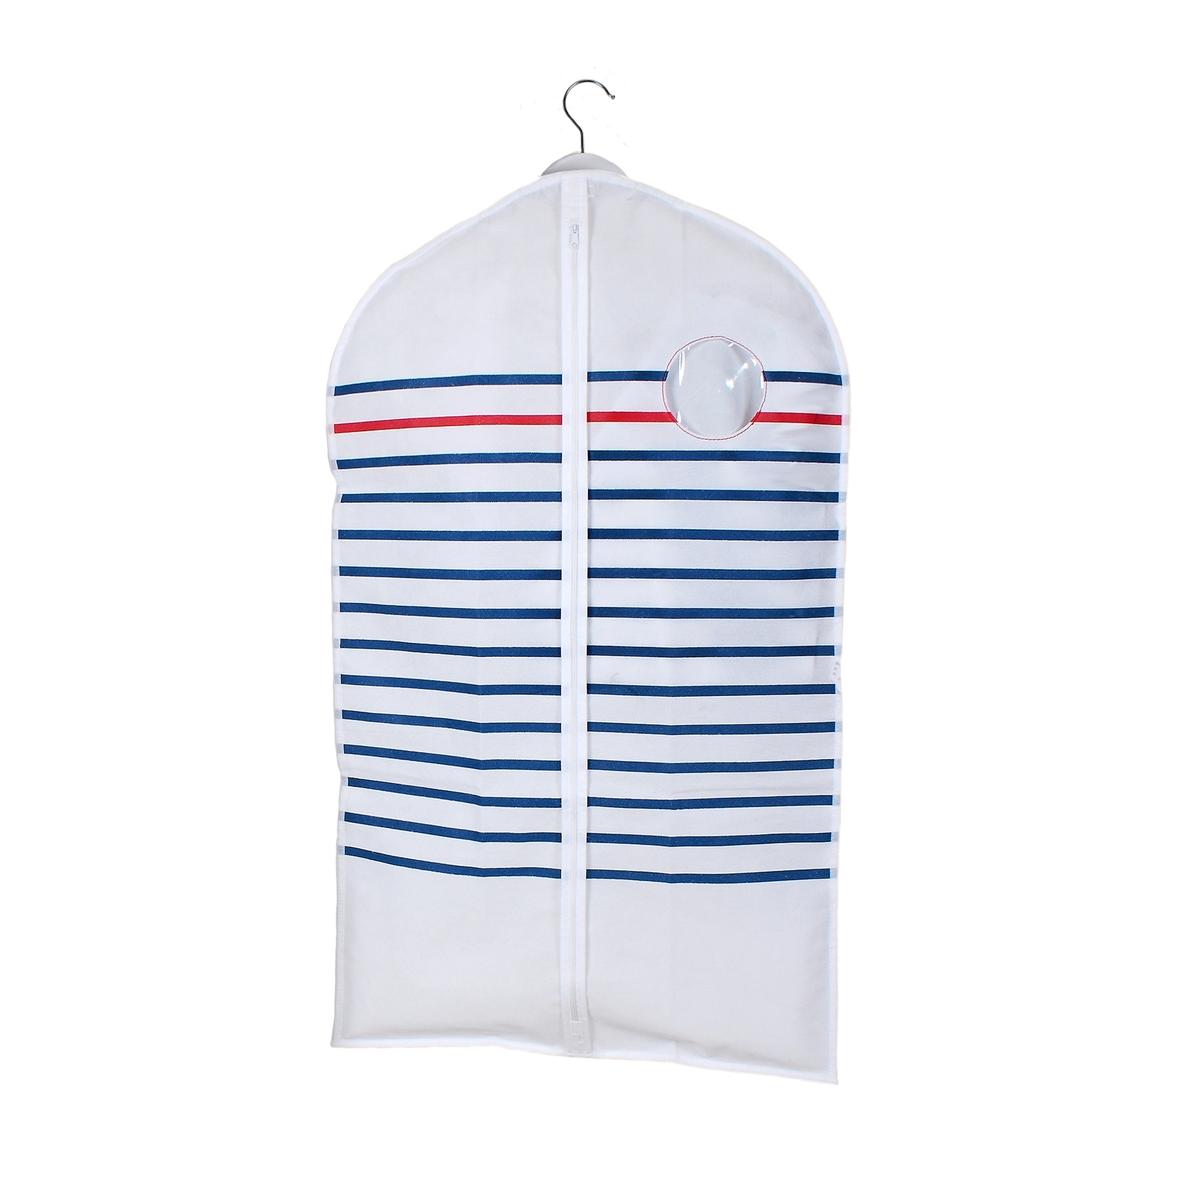 Комплект из 2 чехлов для одежды BazilХарактеристики чехла:- Нетканый, 100% полипропилена, с принтом в голубую/красную полоску на белом фоне.- 2 ручки для переноски позволяют сложить чехол вдвое, отверстие для вешалки-плечиков.- Застежка на молнию.- Прозрачная вставка.Размеры чехла:Ширина 60 см.Высота 100 см (для курток).Найдите все чехлы для хранения Bazil на сайте laredoute.ru.<br><br>Цвет: в полоску белый/темно-синий<br>Размер: единый размер